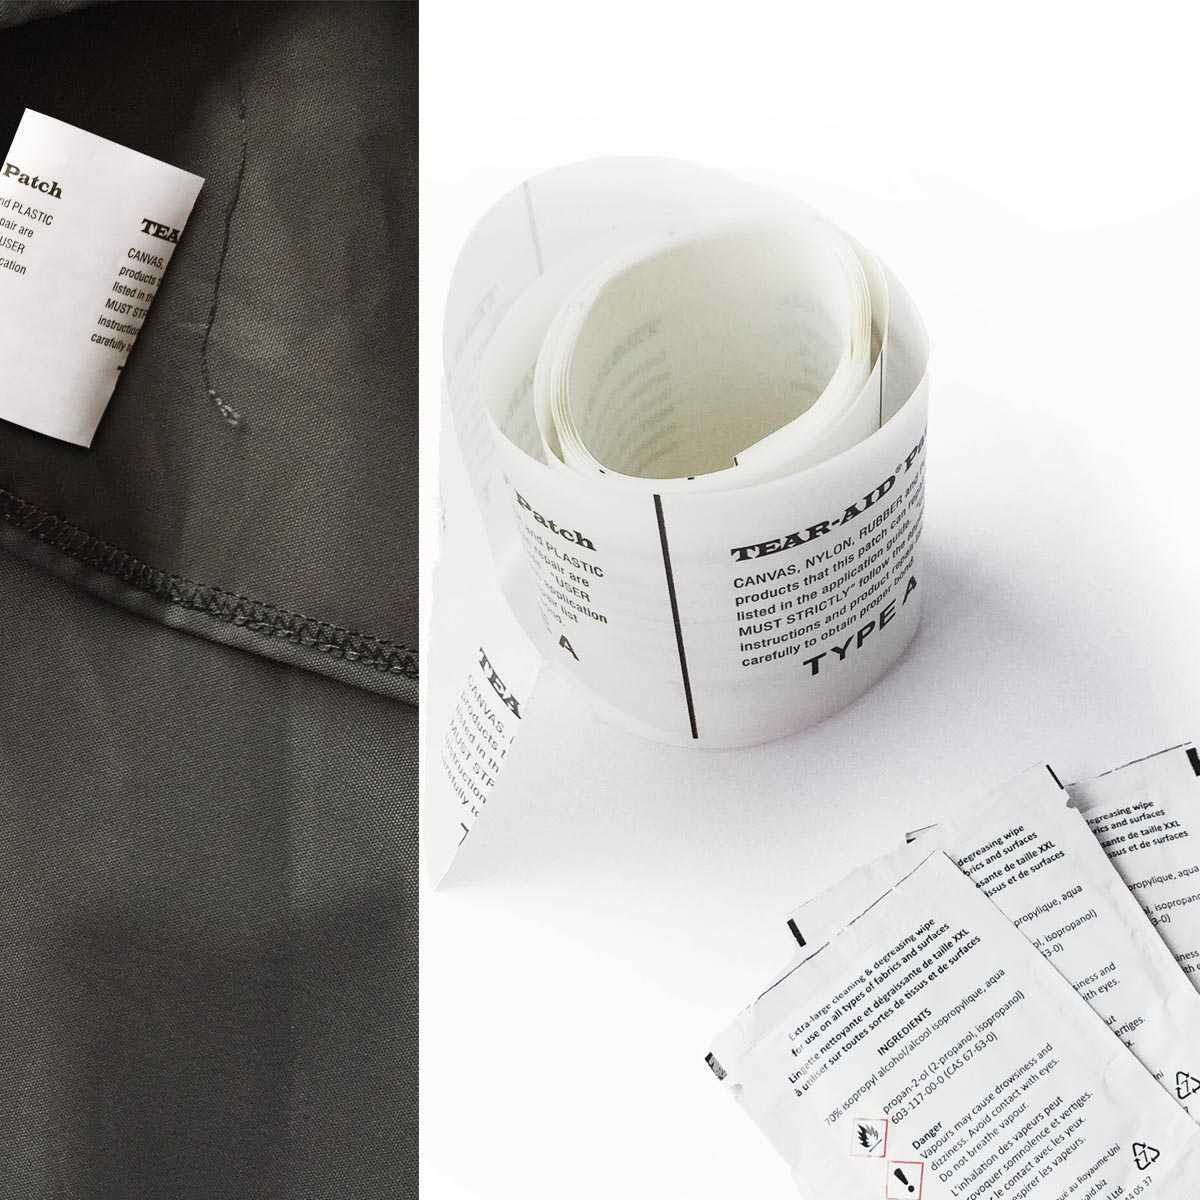 patch adhesif de reparation pour bache et toile rouleau 1m50 vente au meilleur prix jardins